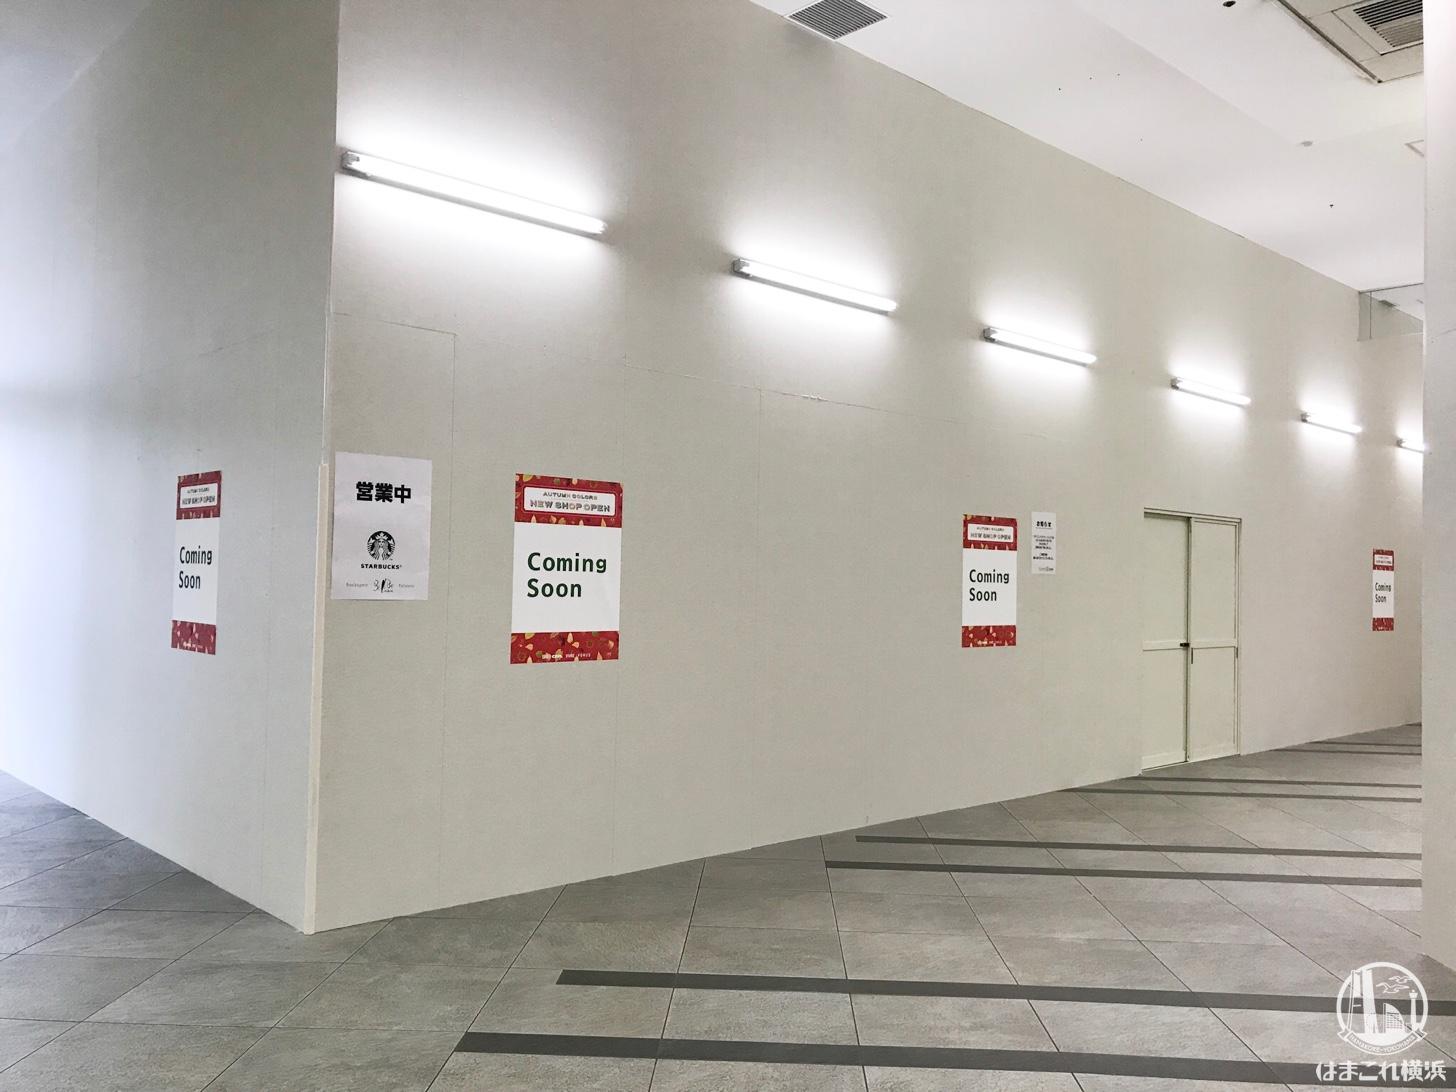 ダイニングカフェ リュクスが閉店!横浜ワールドポーターズのお気に入りパンケーキ店